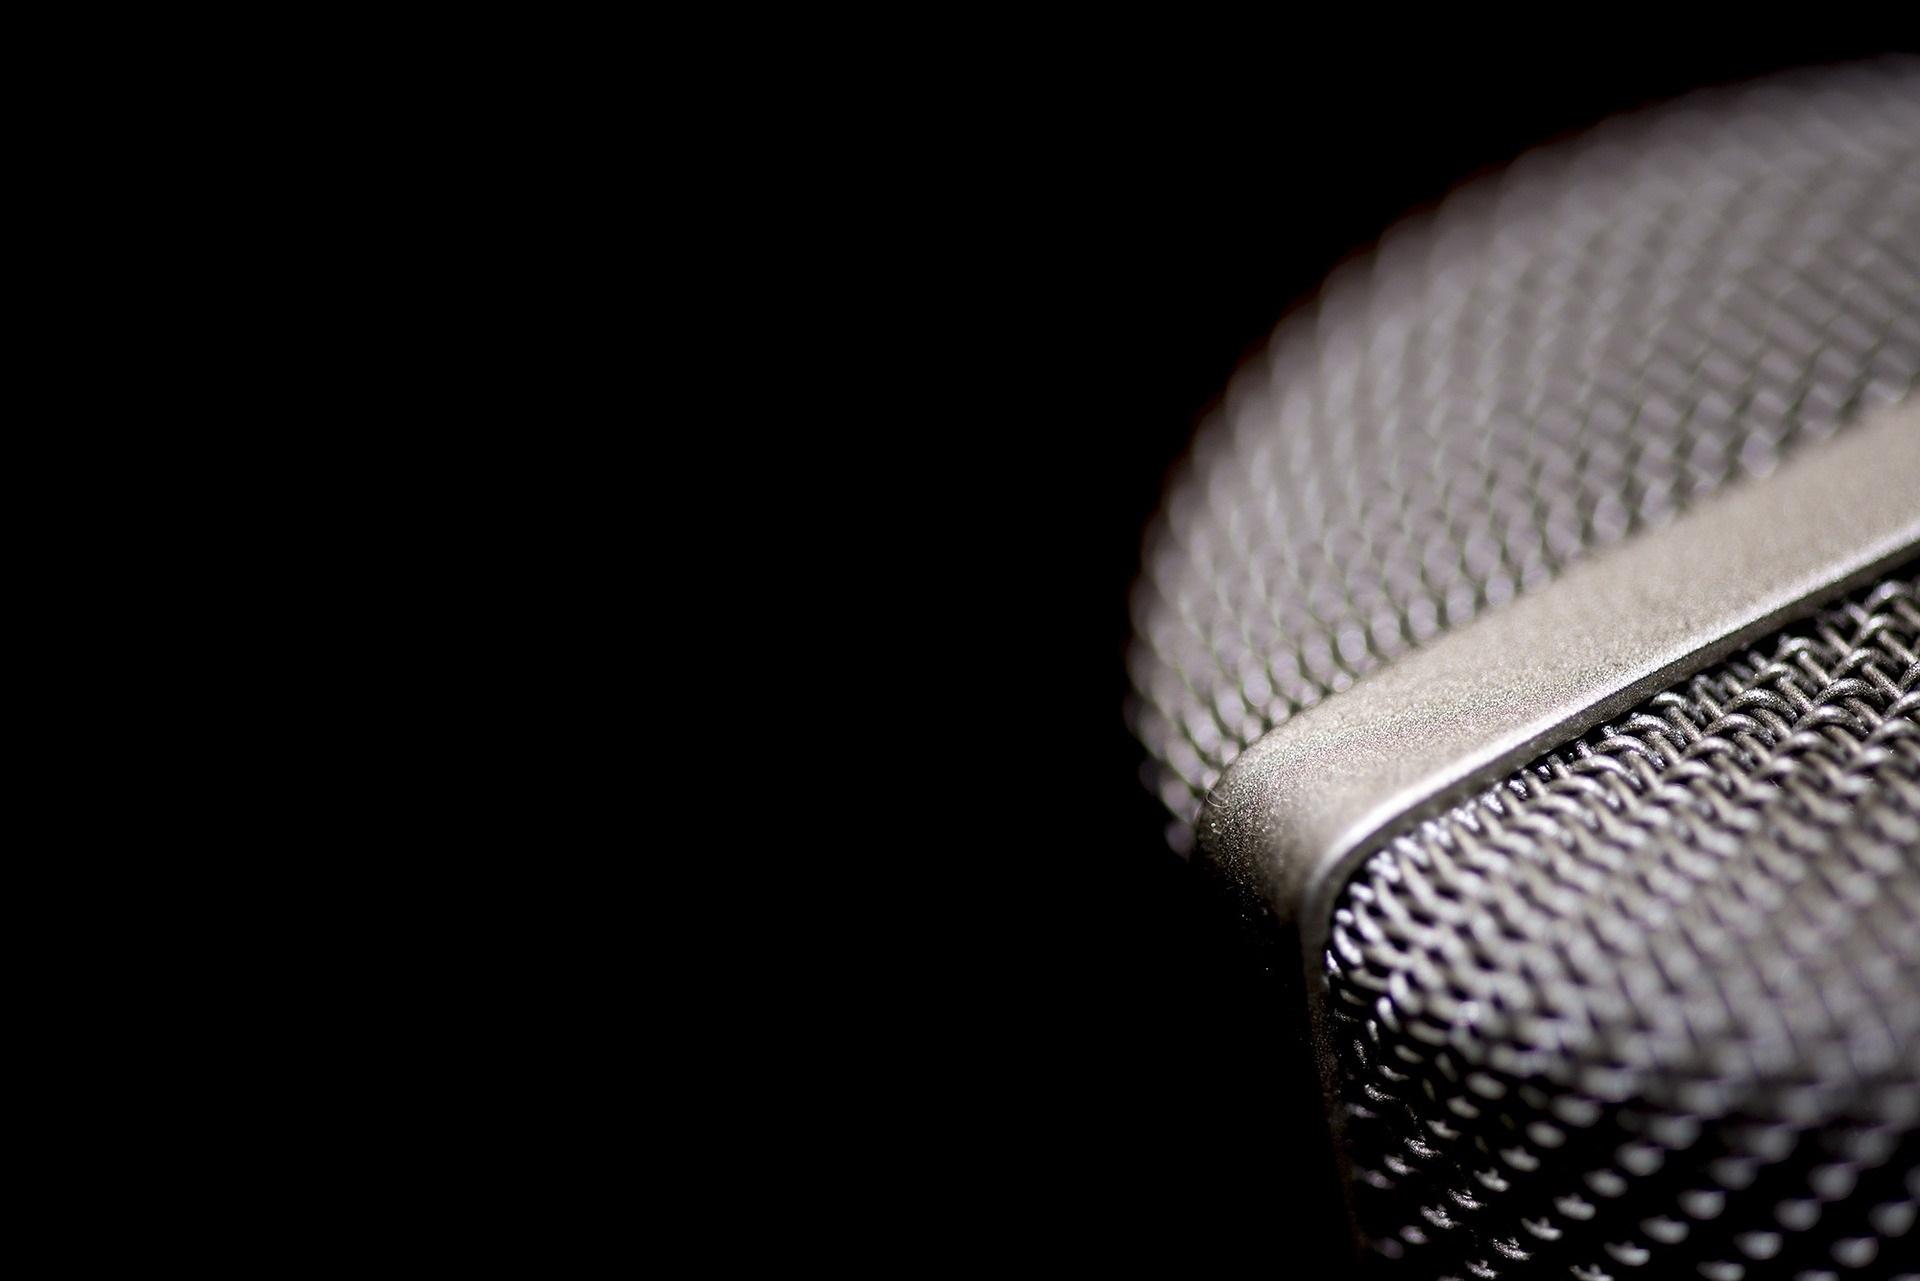 Stort interview: Bliv klogere på migræne